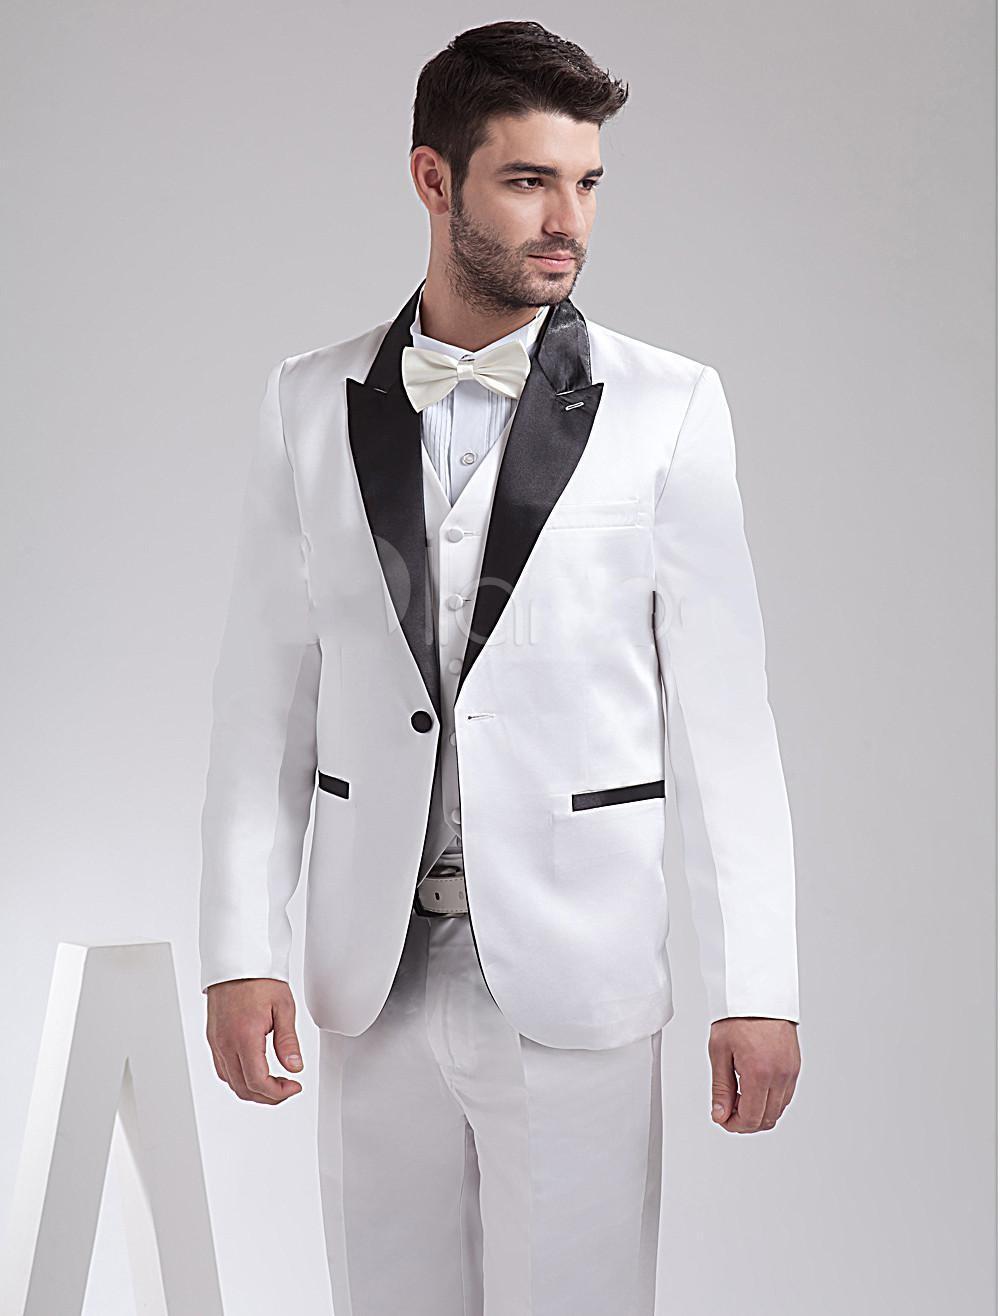 Ring Bearer Tuxedos For Wedding 21 Vintage